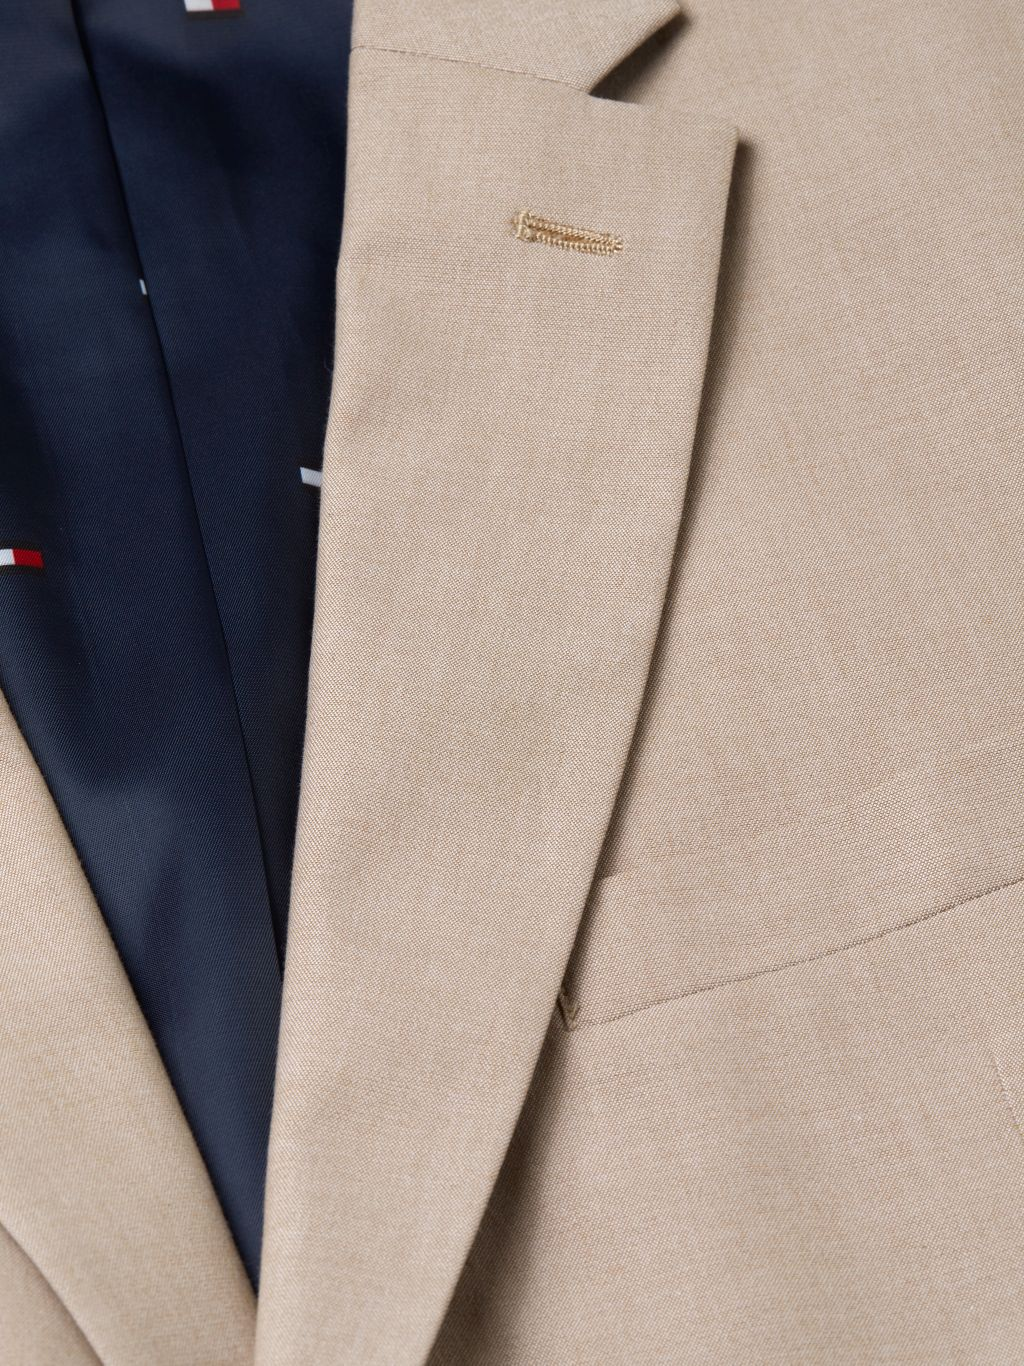 Tommy Hilfiger 2-Piece Modern-Fit Cotton Blend Suit